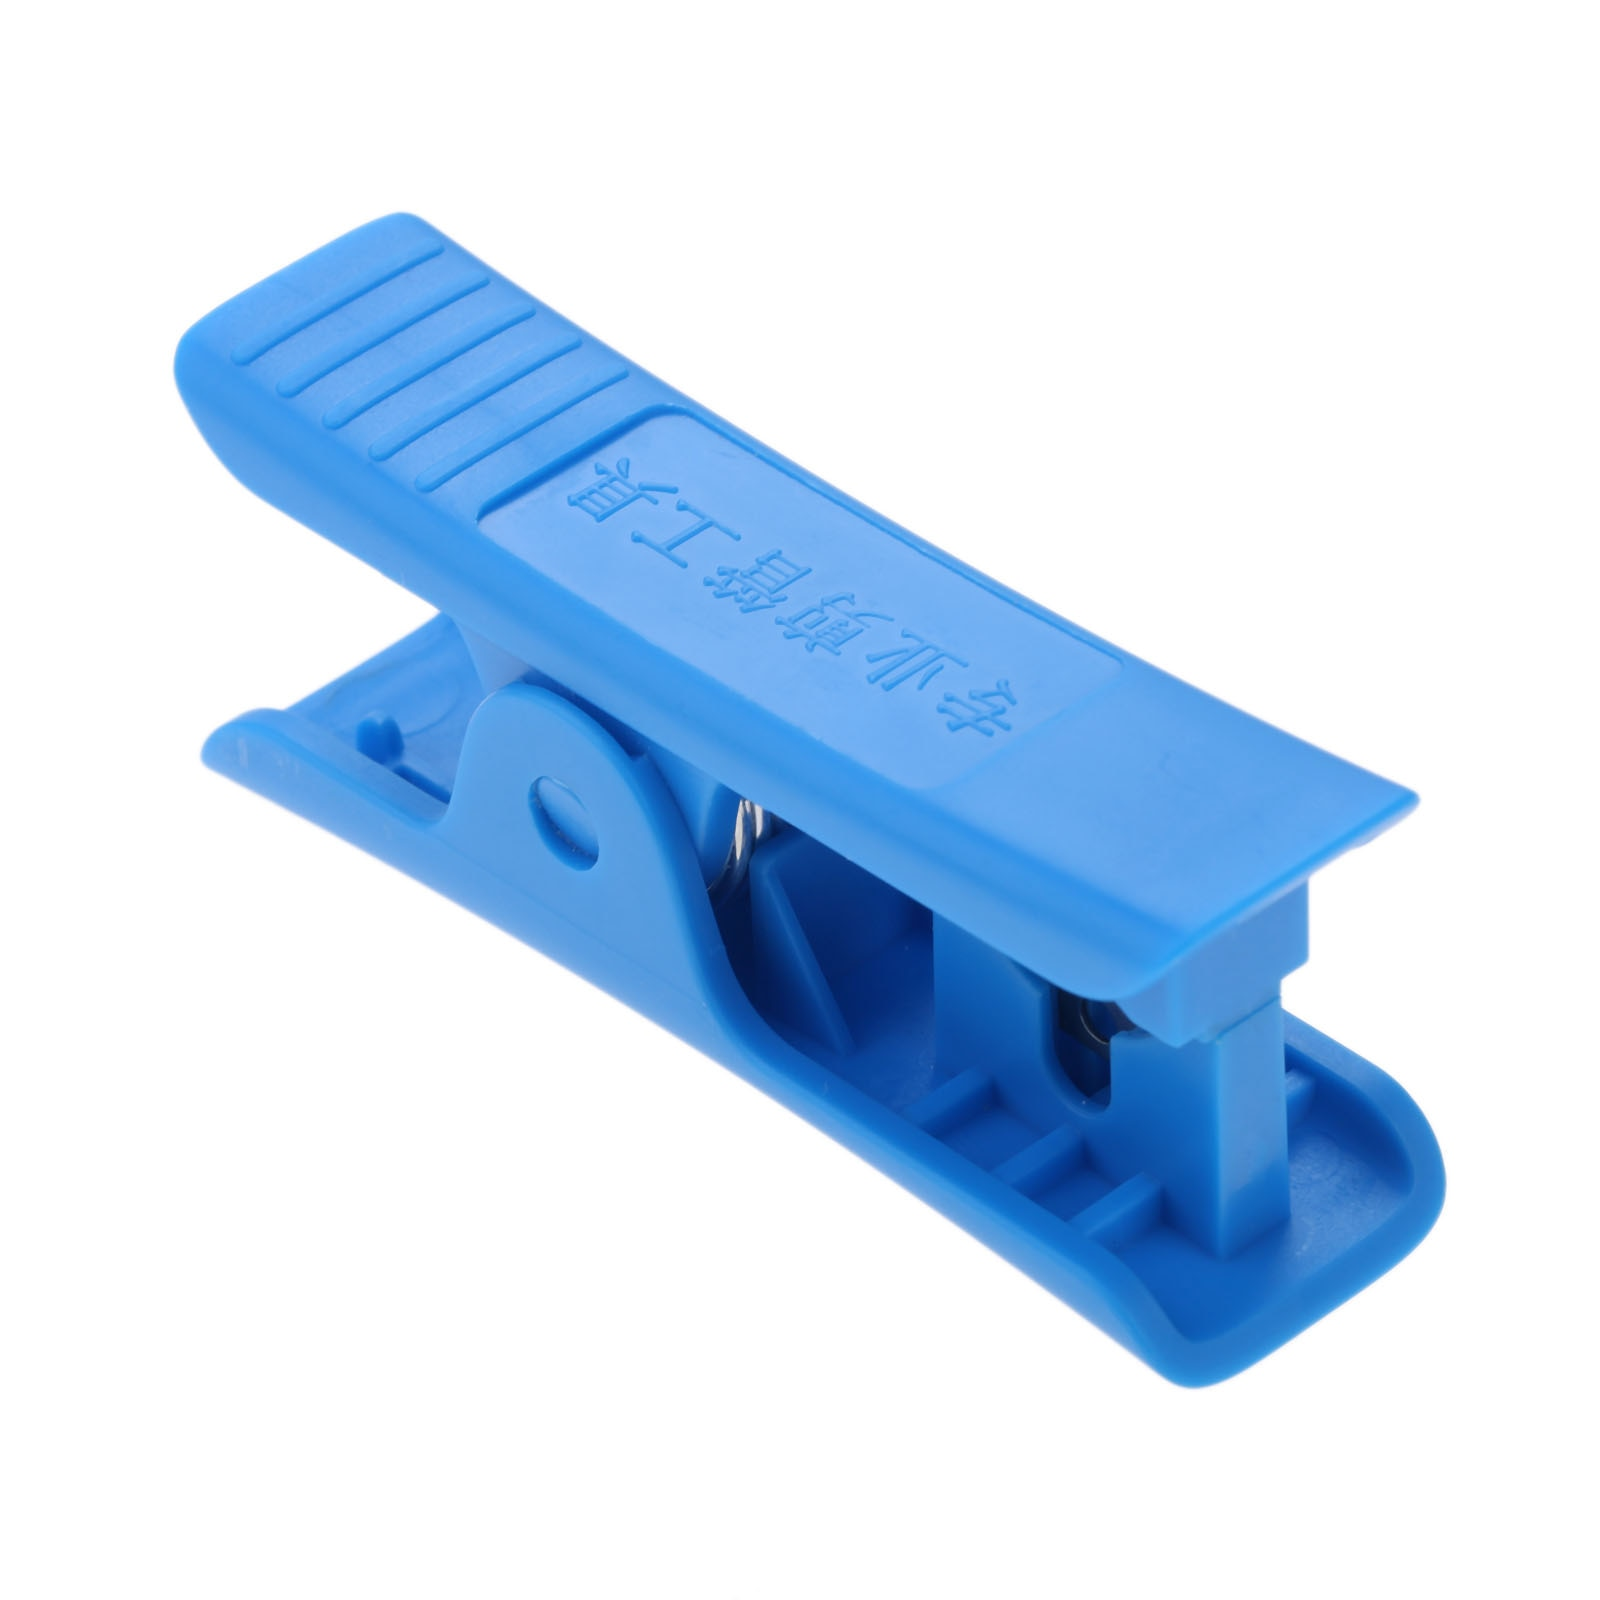 RO tubo manguera de ósmosis inversa herramienta purificador de agua Filtro de goma silicona Nylon PE Sistema de plástico cortador tijeras corte